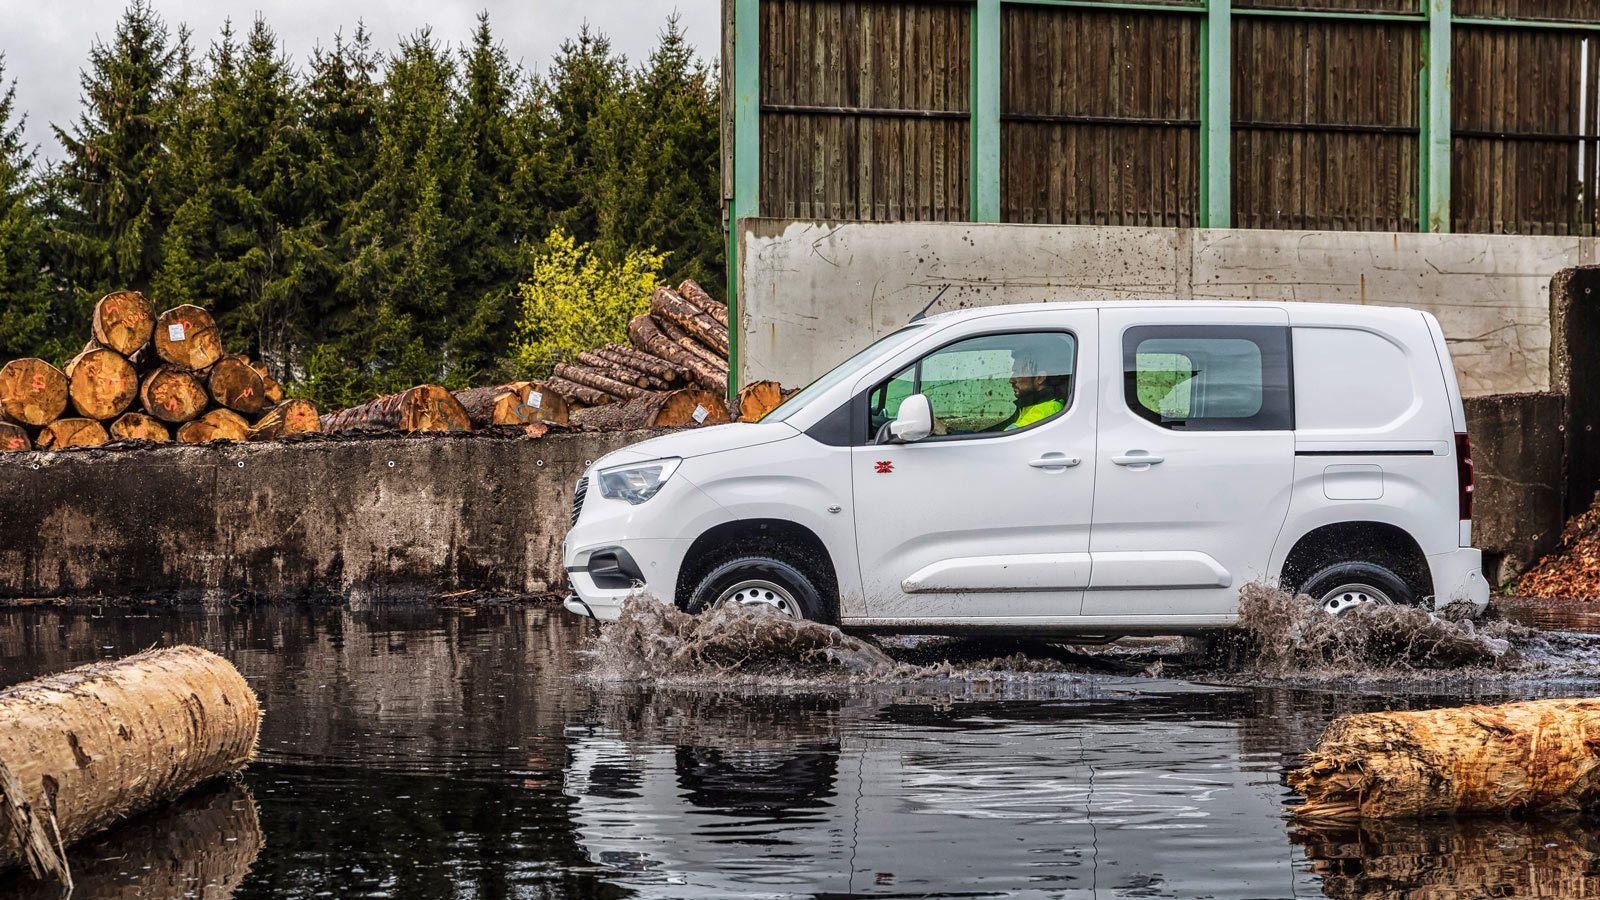 Opel Combo 4WD w wodzie, głęboka kałuża